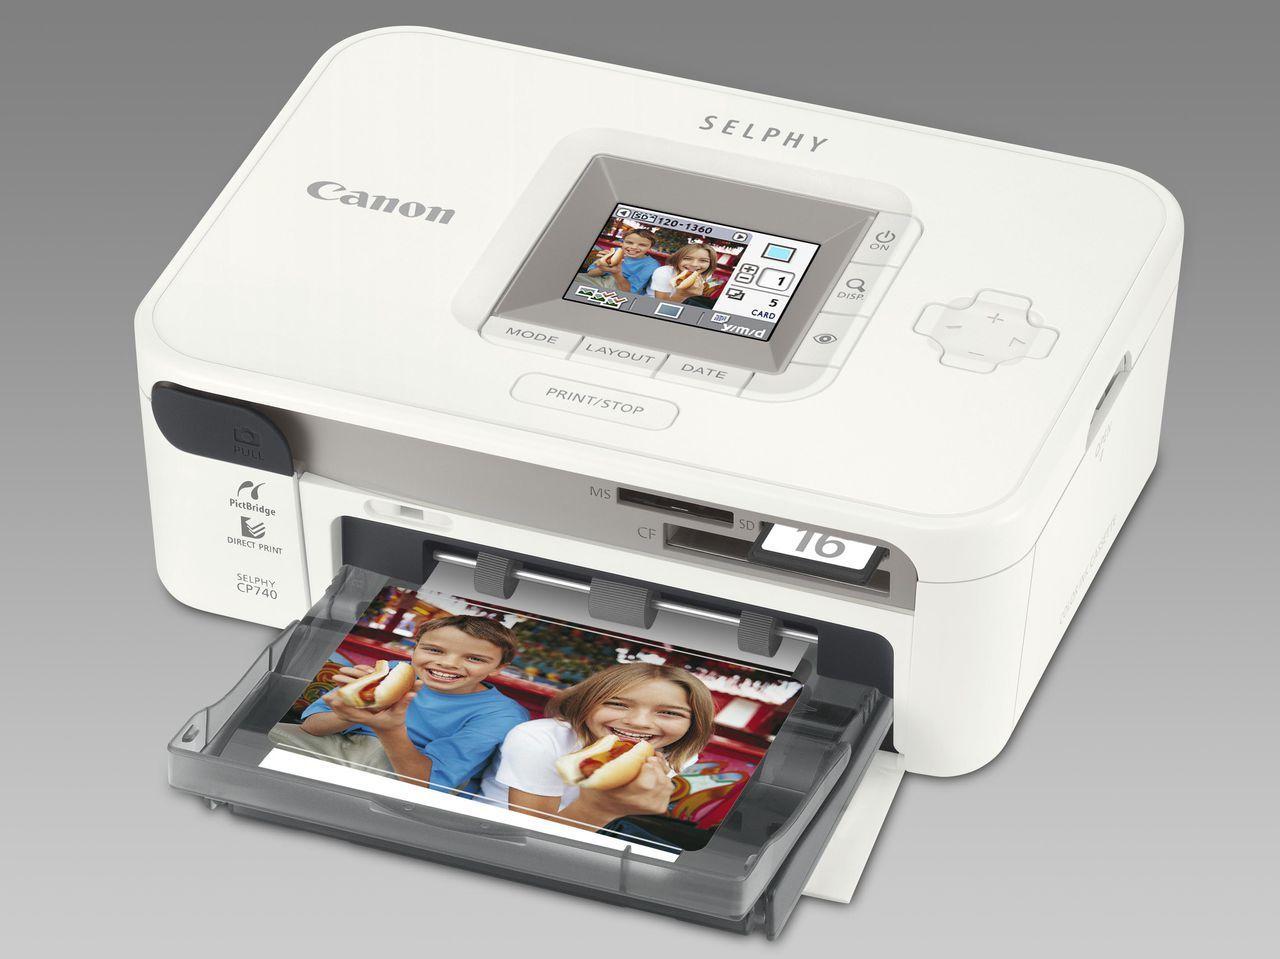 фотомашина для печати фотографий почти